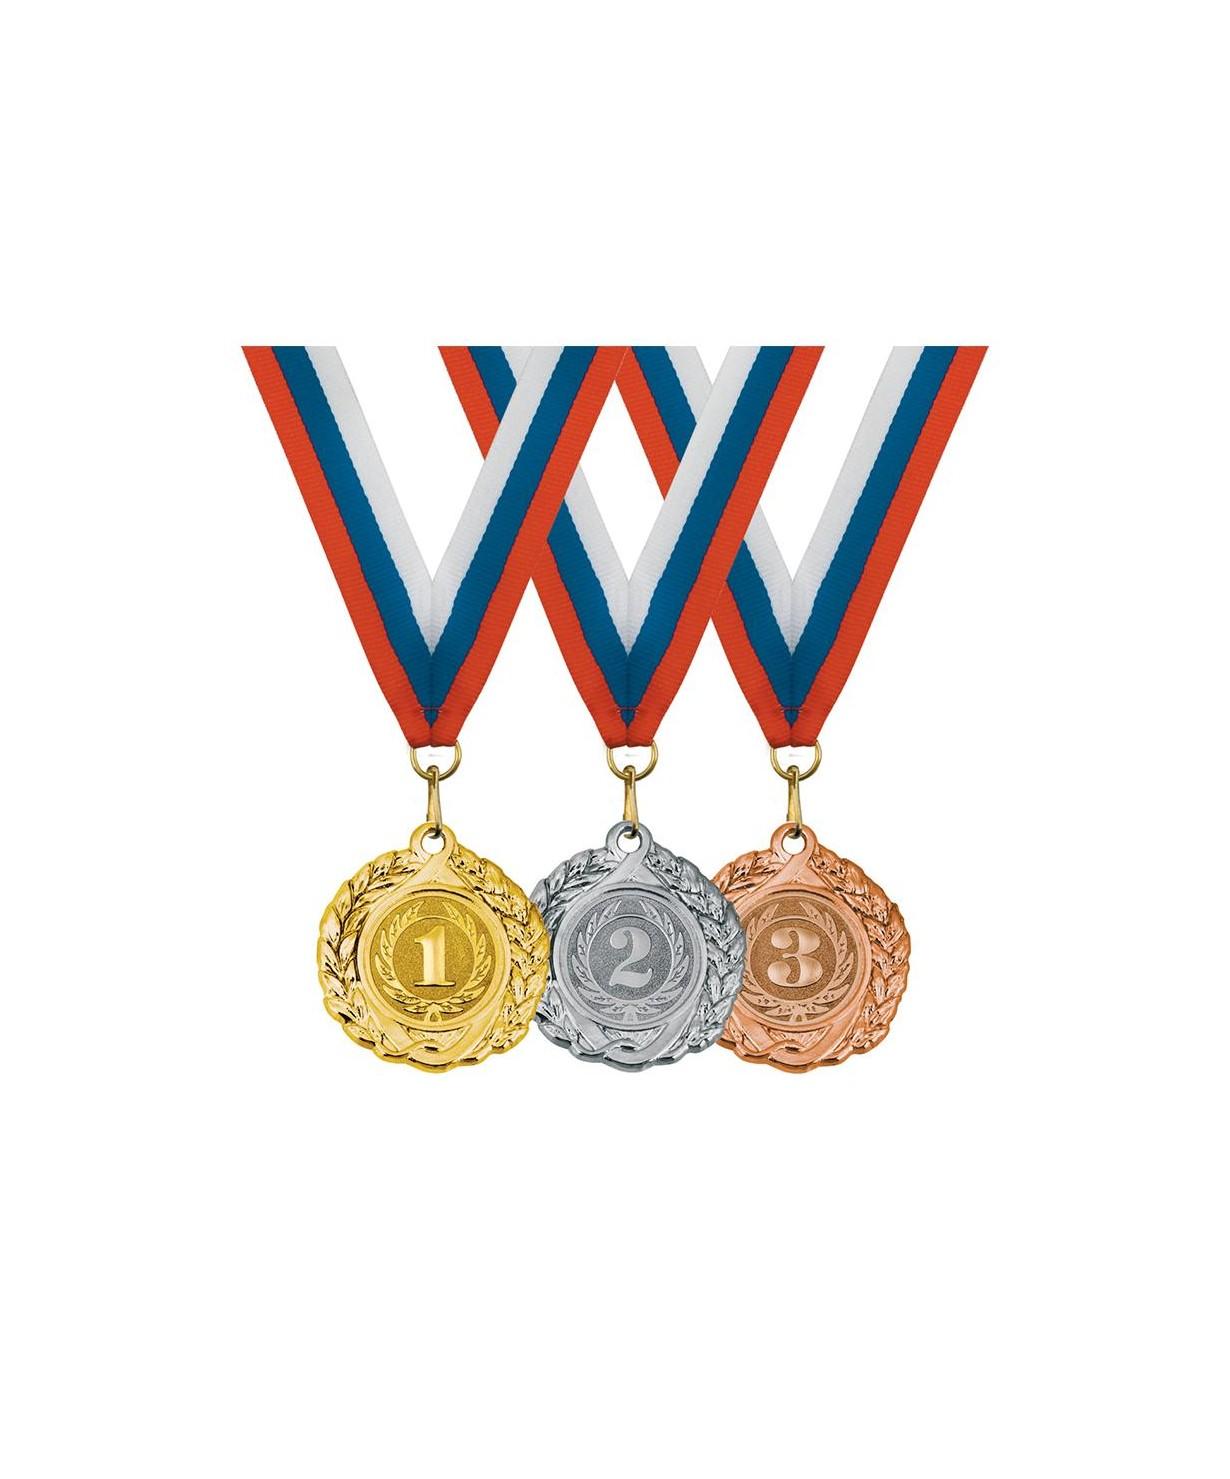 наградные медали в картинках предлагает огромный выбор